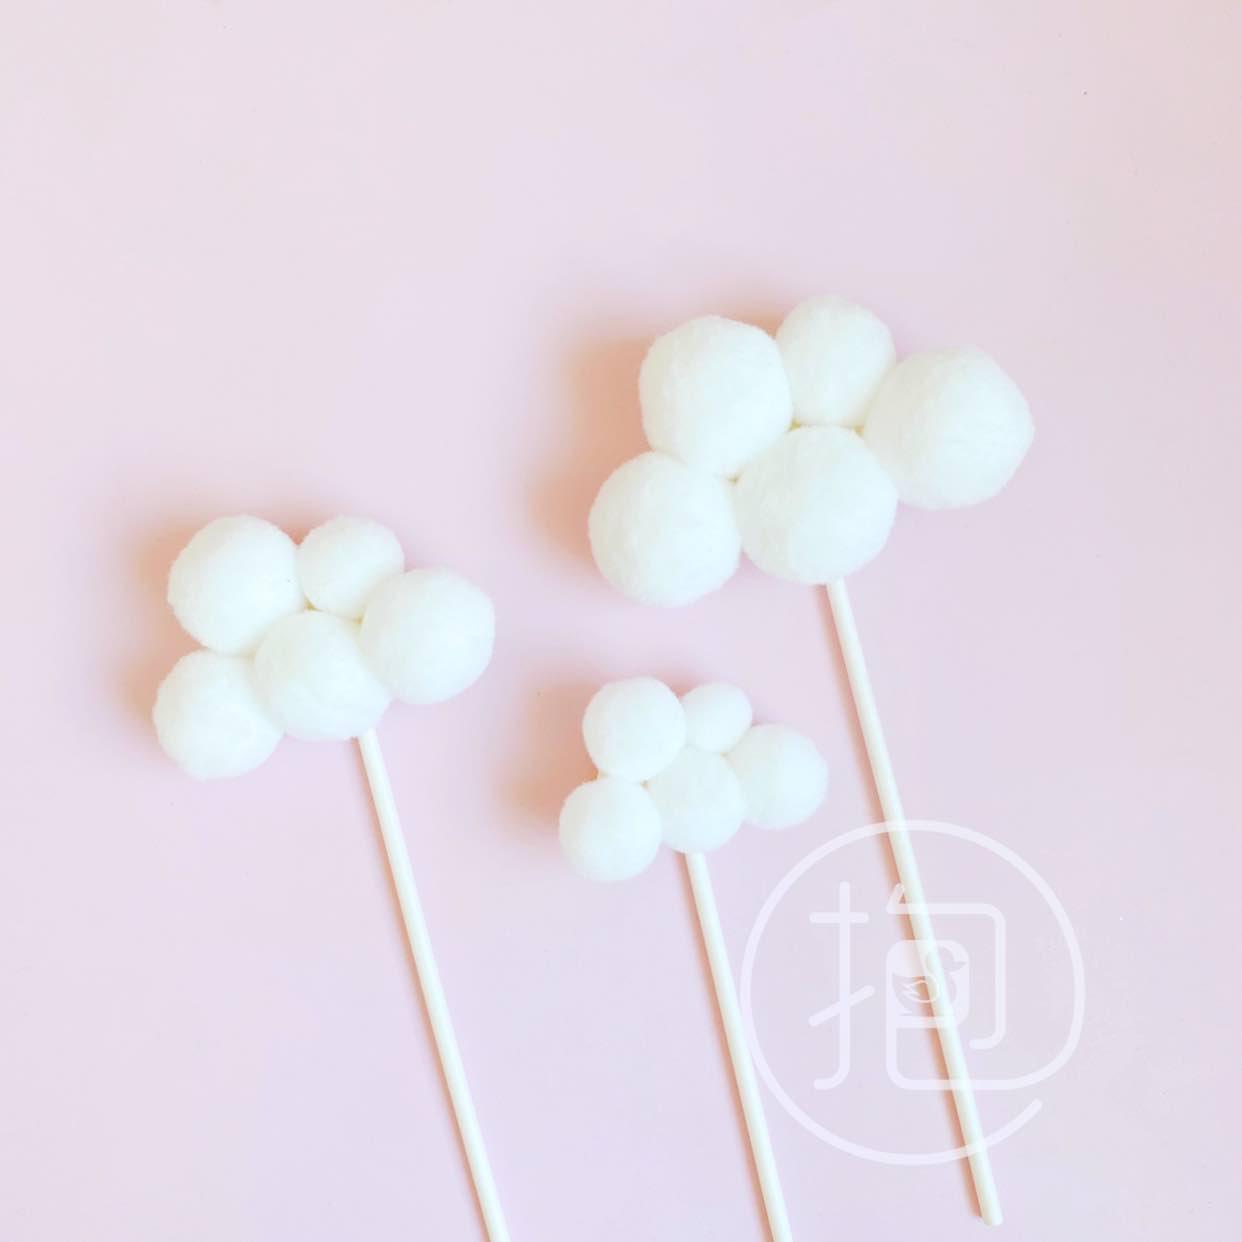 蛋糕装饰插件云朵毛球插件蓝天白云插牌白色毛团清新卡通风甜品台